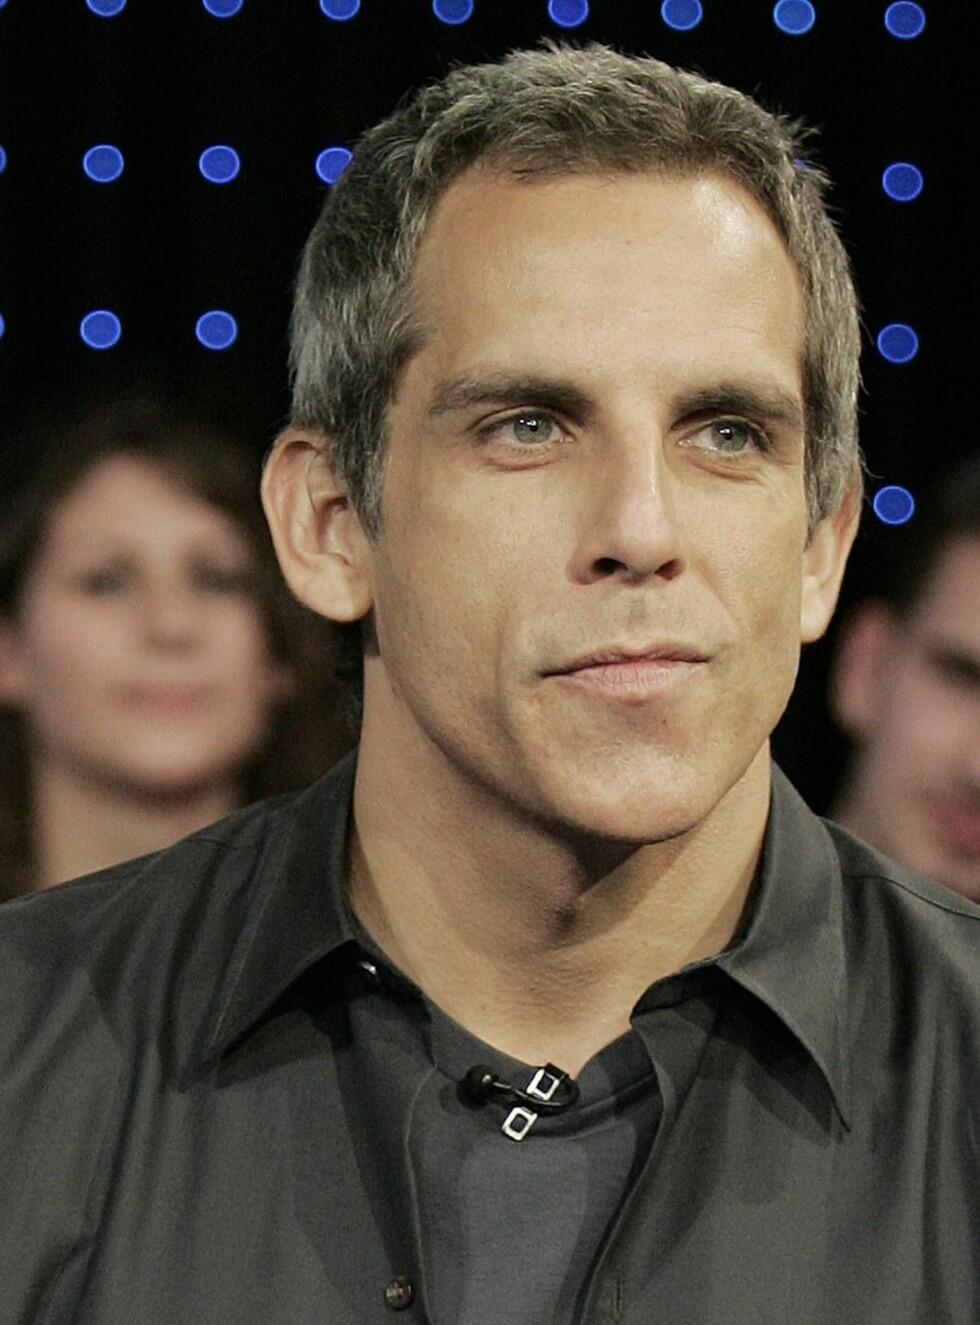 VANT OGSÅ: Ben Stiller vil bli hedret med prisen i år. Dermed er han med i samme klubb som blant annet Halle Berry og Sandra Bullock. Foto: AP/Scanpix